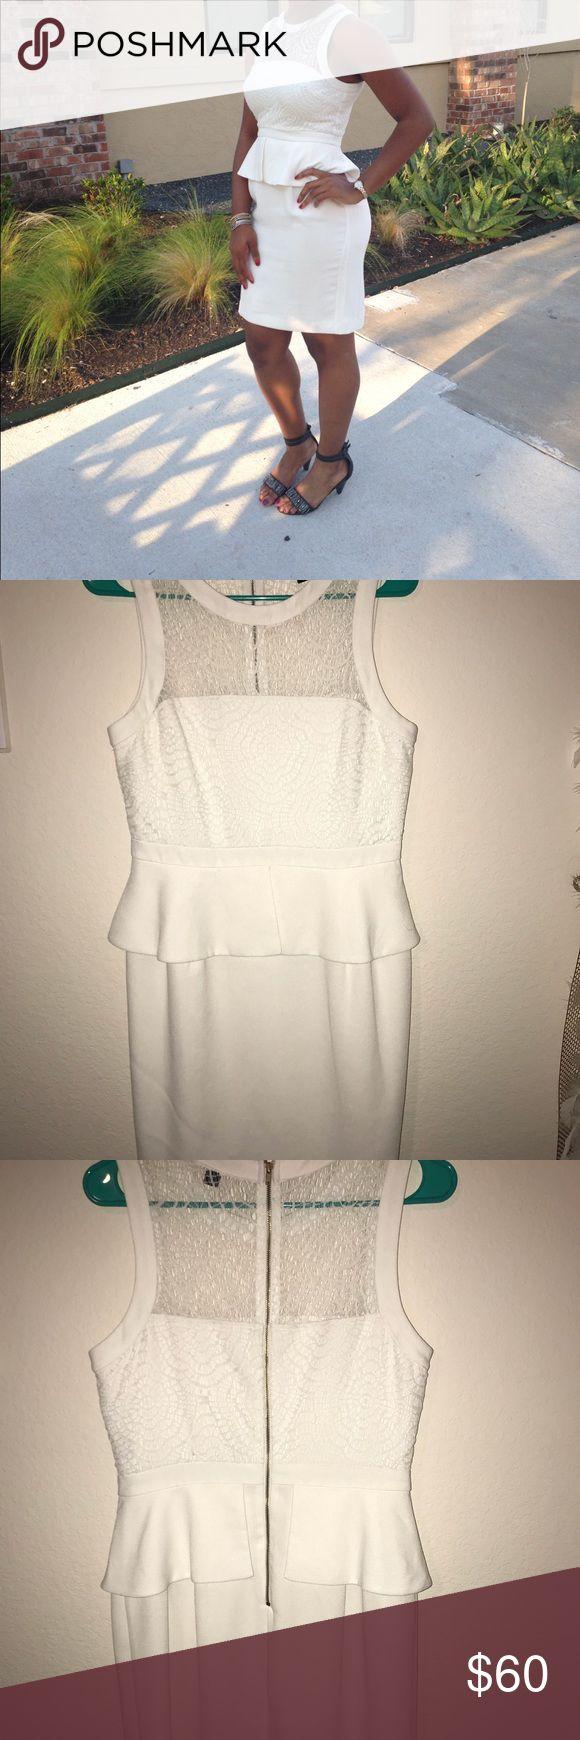 White peplum dress Short, white peplum dress Worthington Dresses